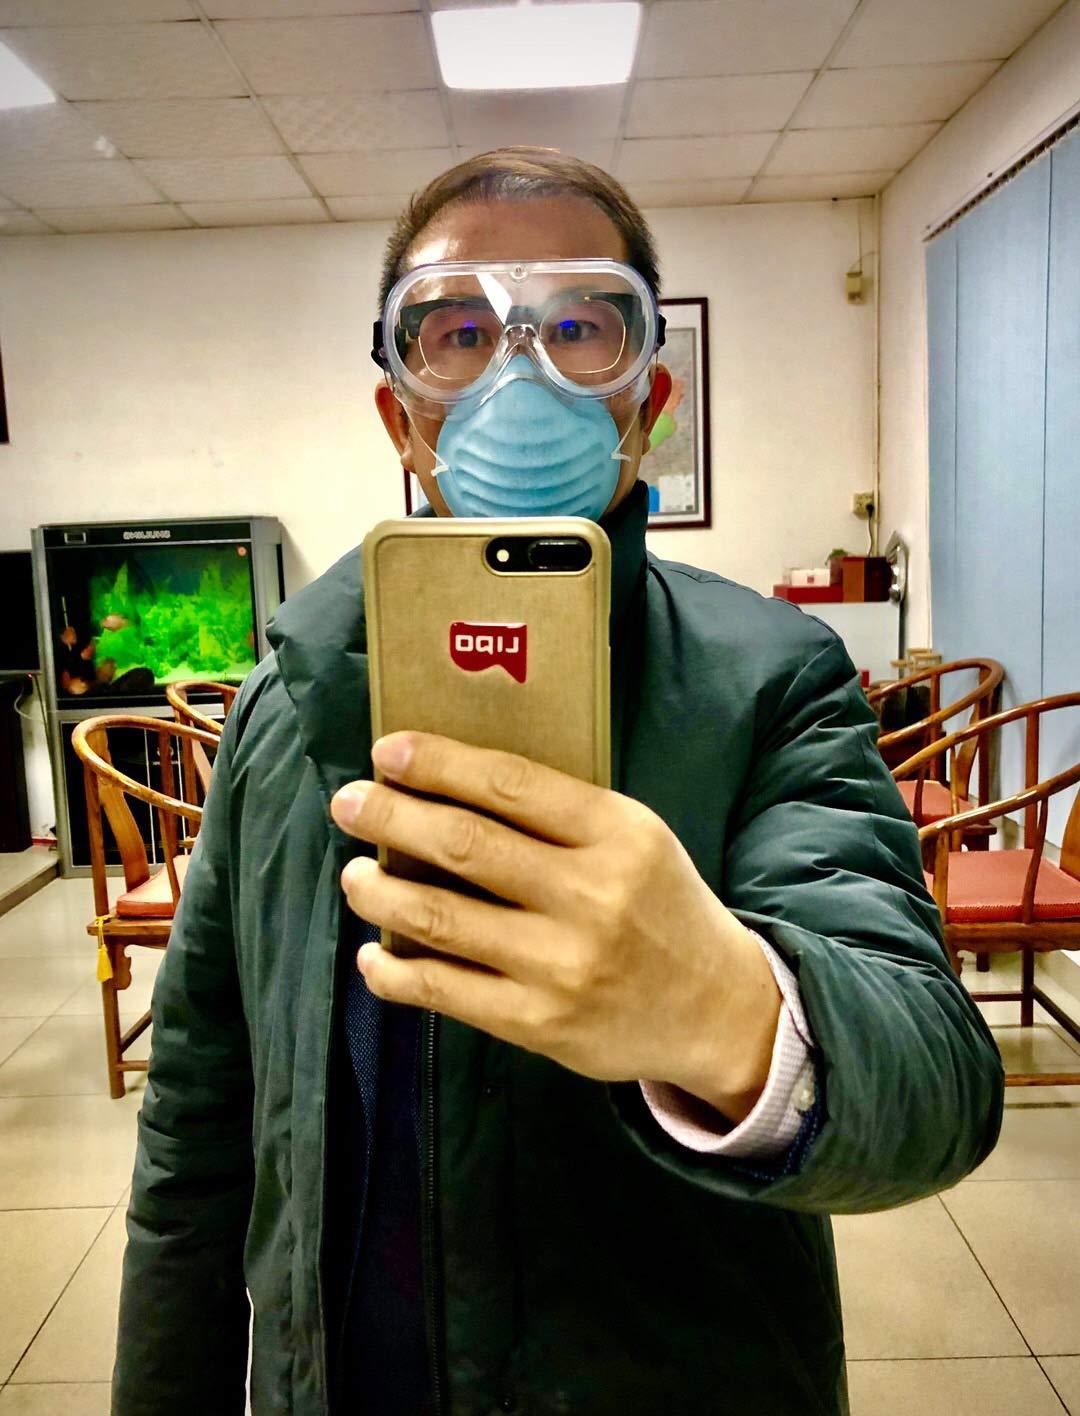 Gafas de seguridad antivaho envueltas de seguridad con impacto ocular selladas 9